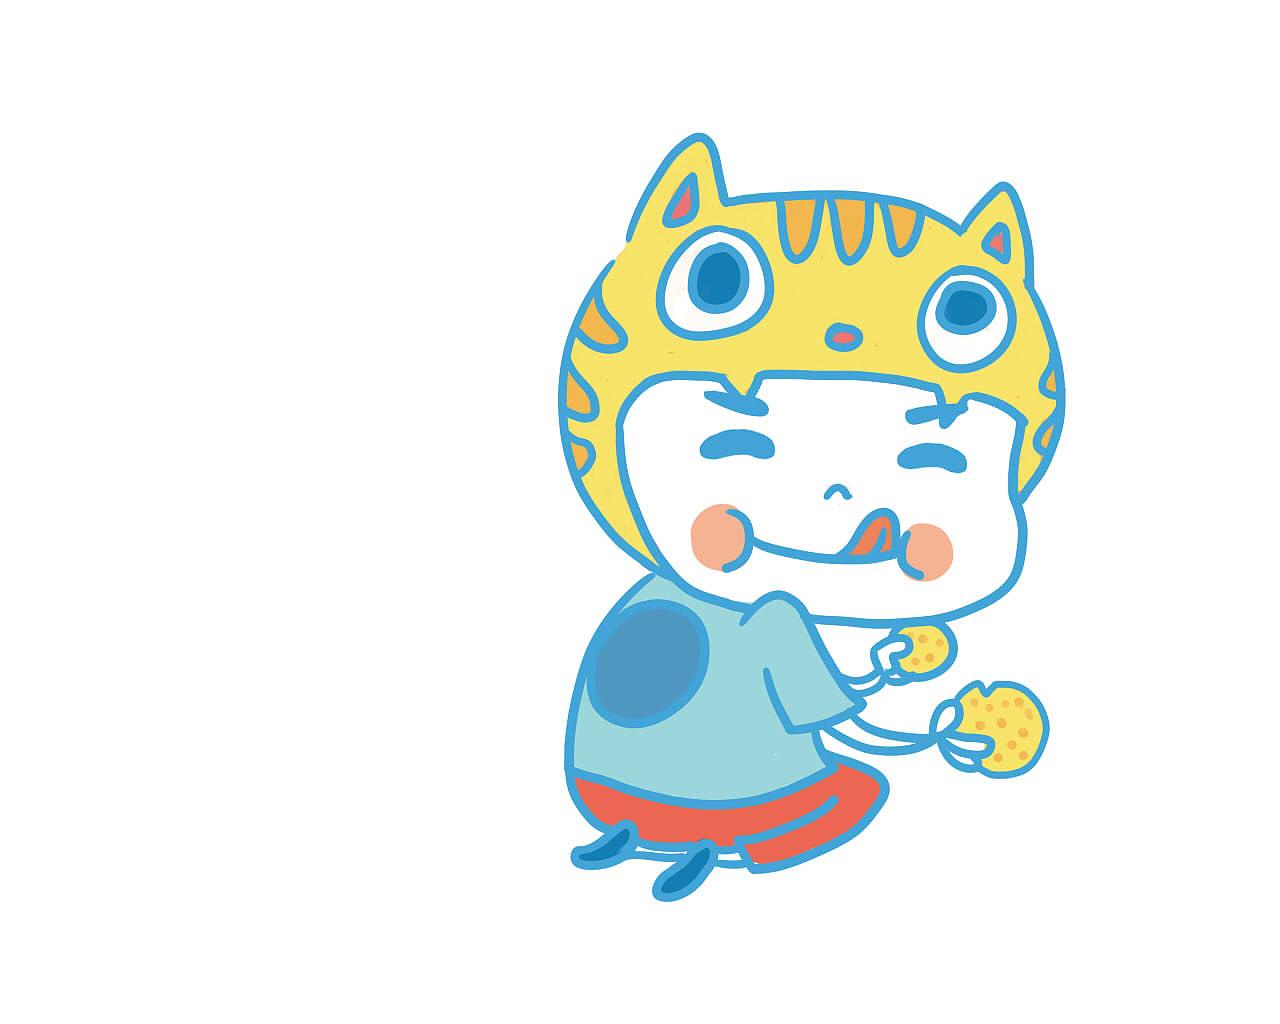 卡通LOGO 食品类LOGO 卡通形象设计 吉祥物